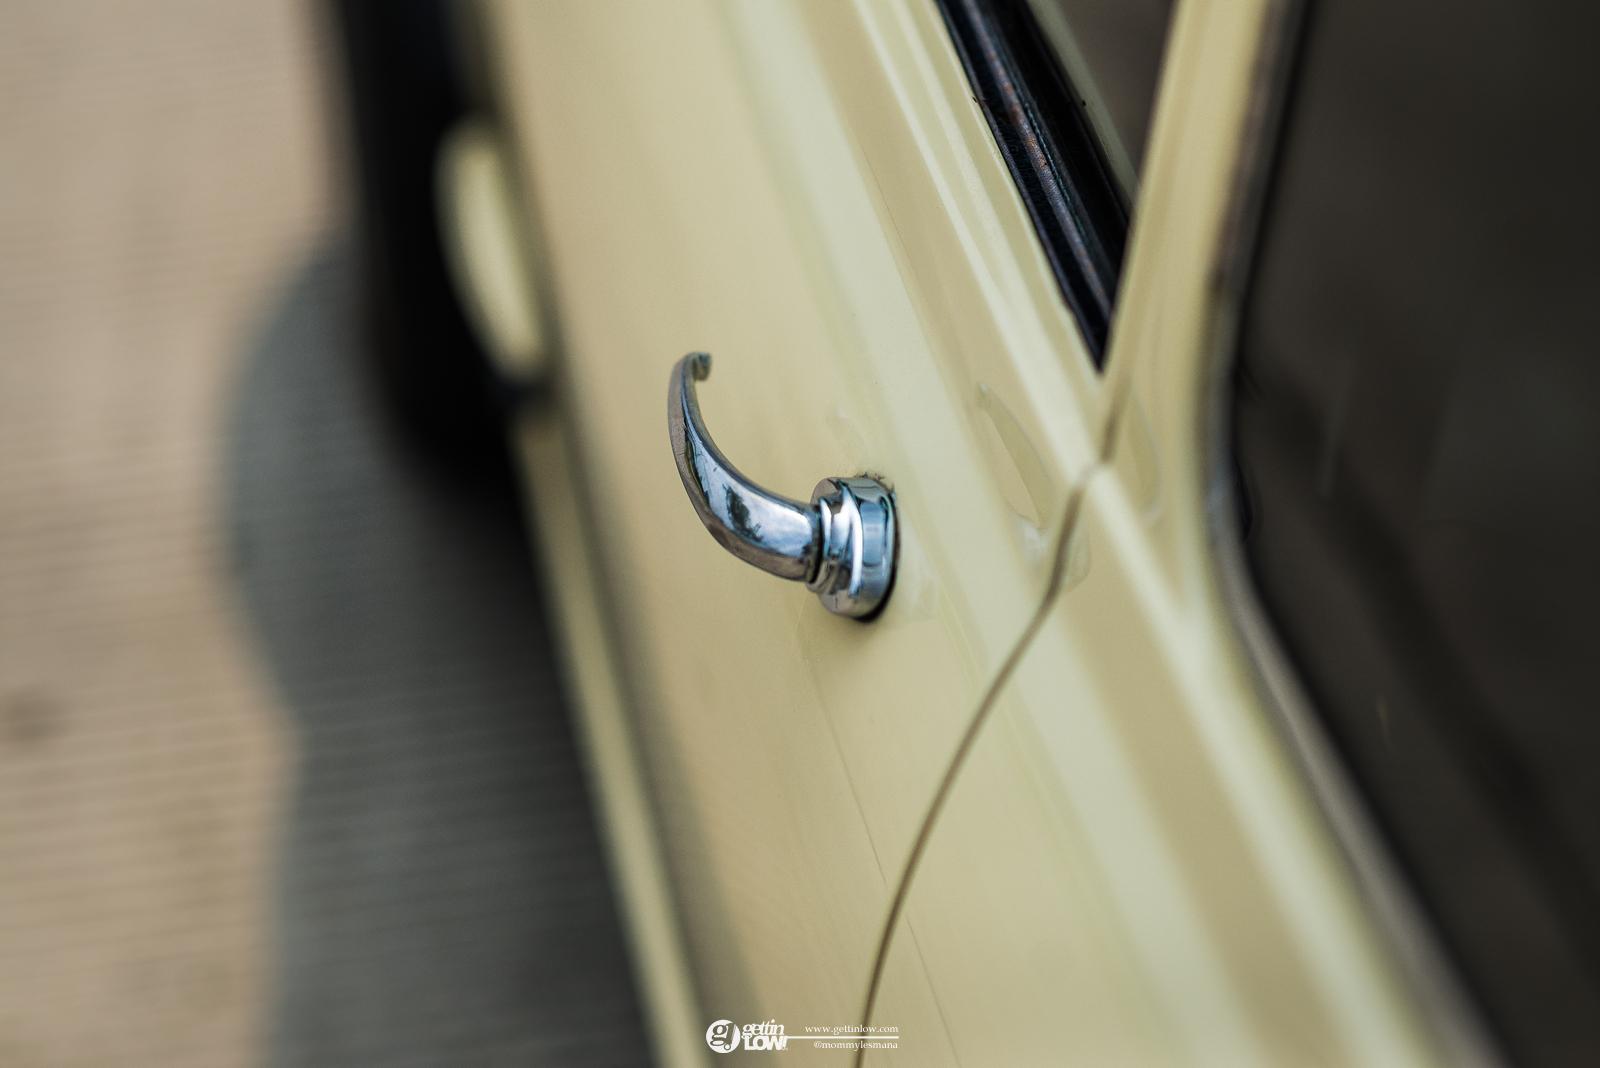 Geralldus' 1962 Morris Mini Cooper MK1